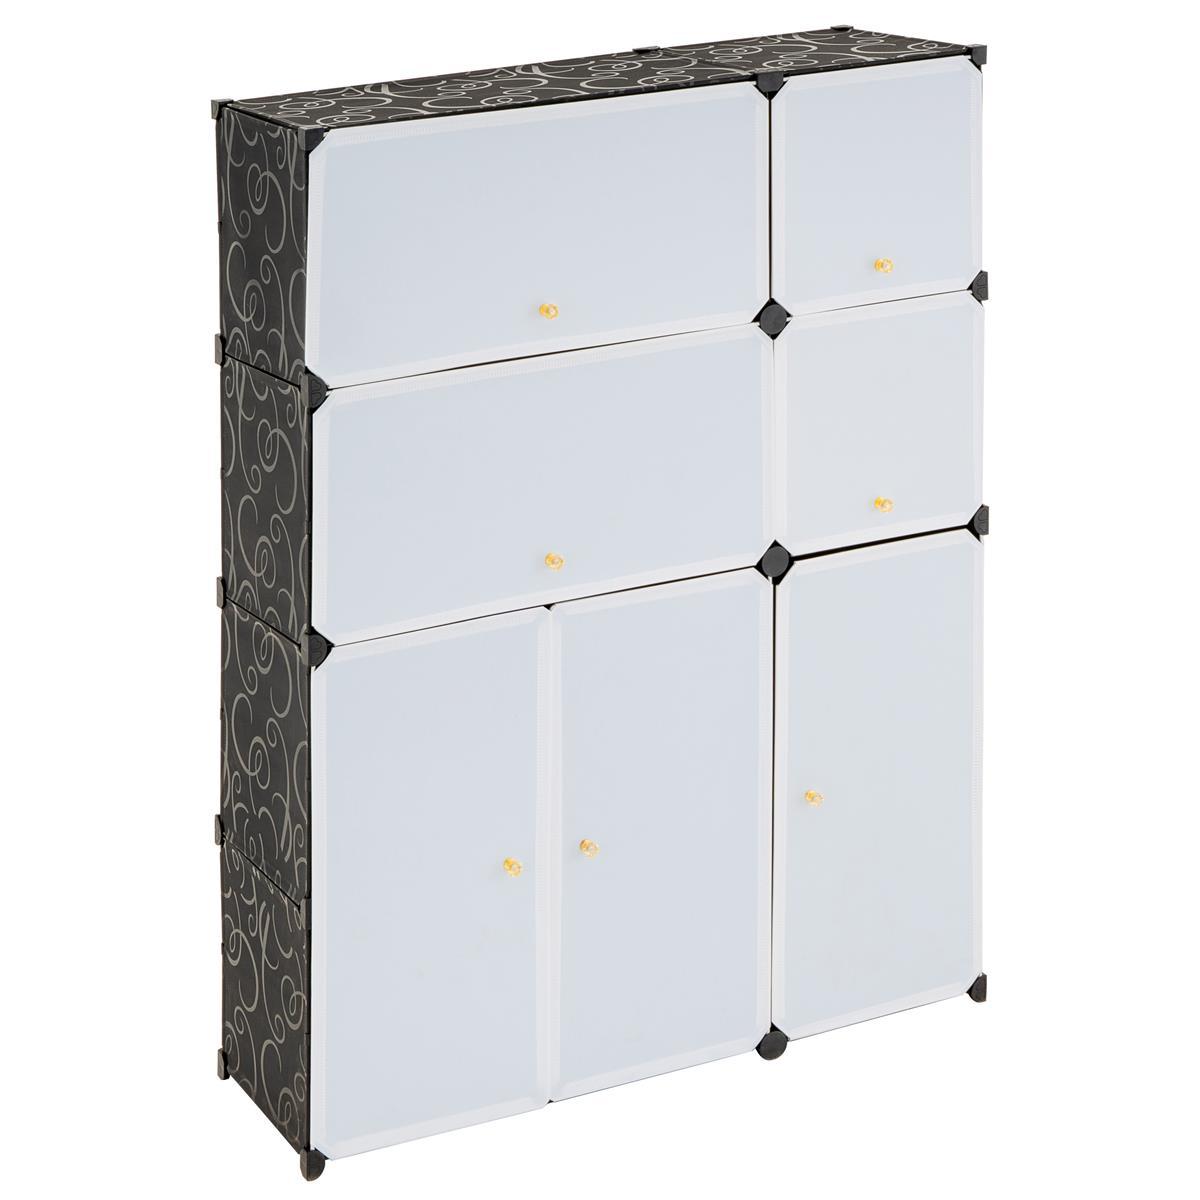 Schuhschrank Steckregal schwarz/weiß 124x92x32cm DIY platzsparend